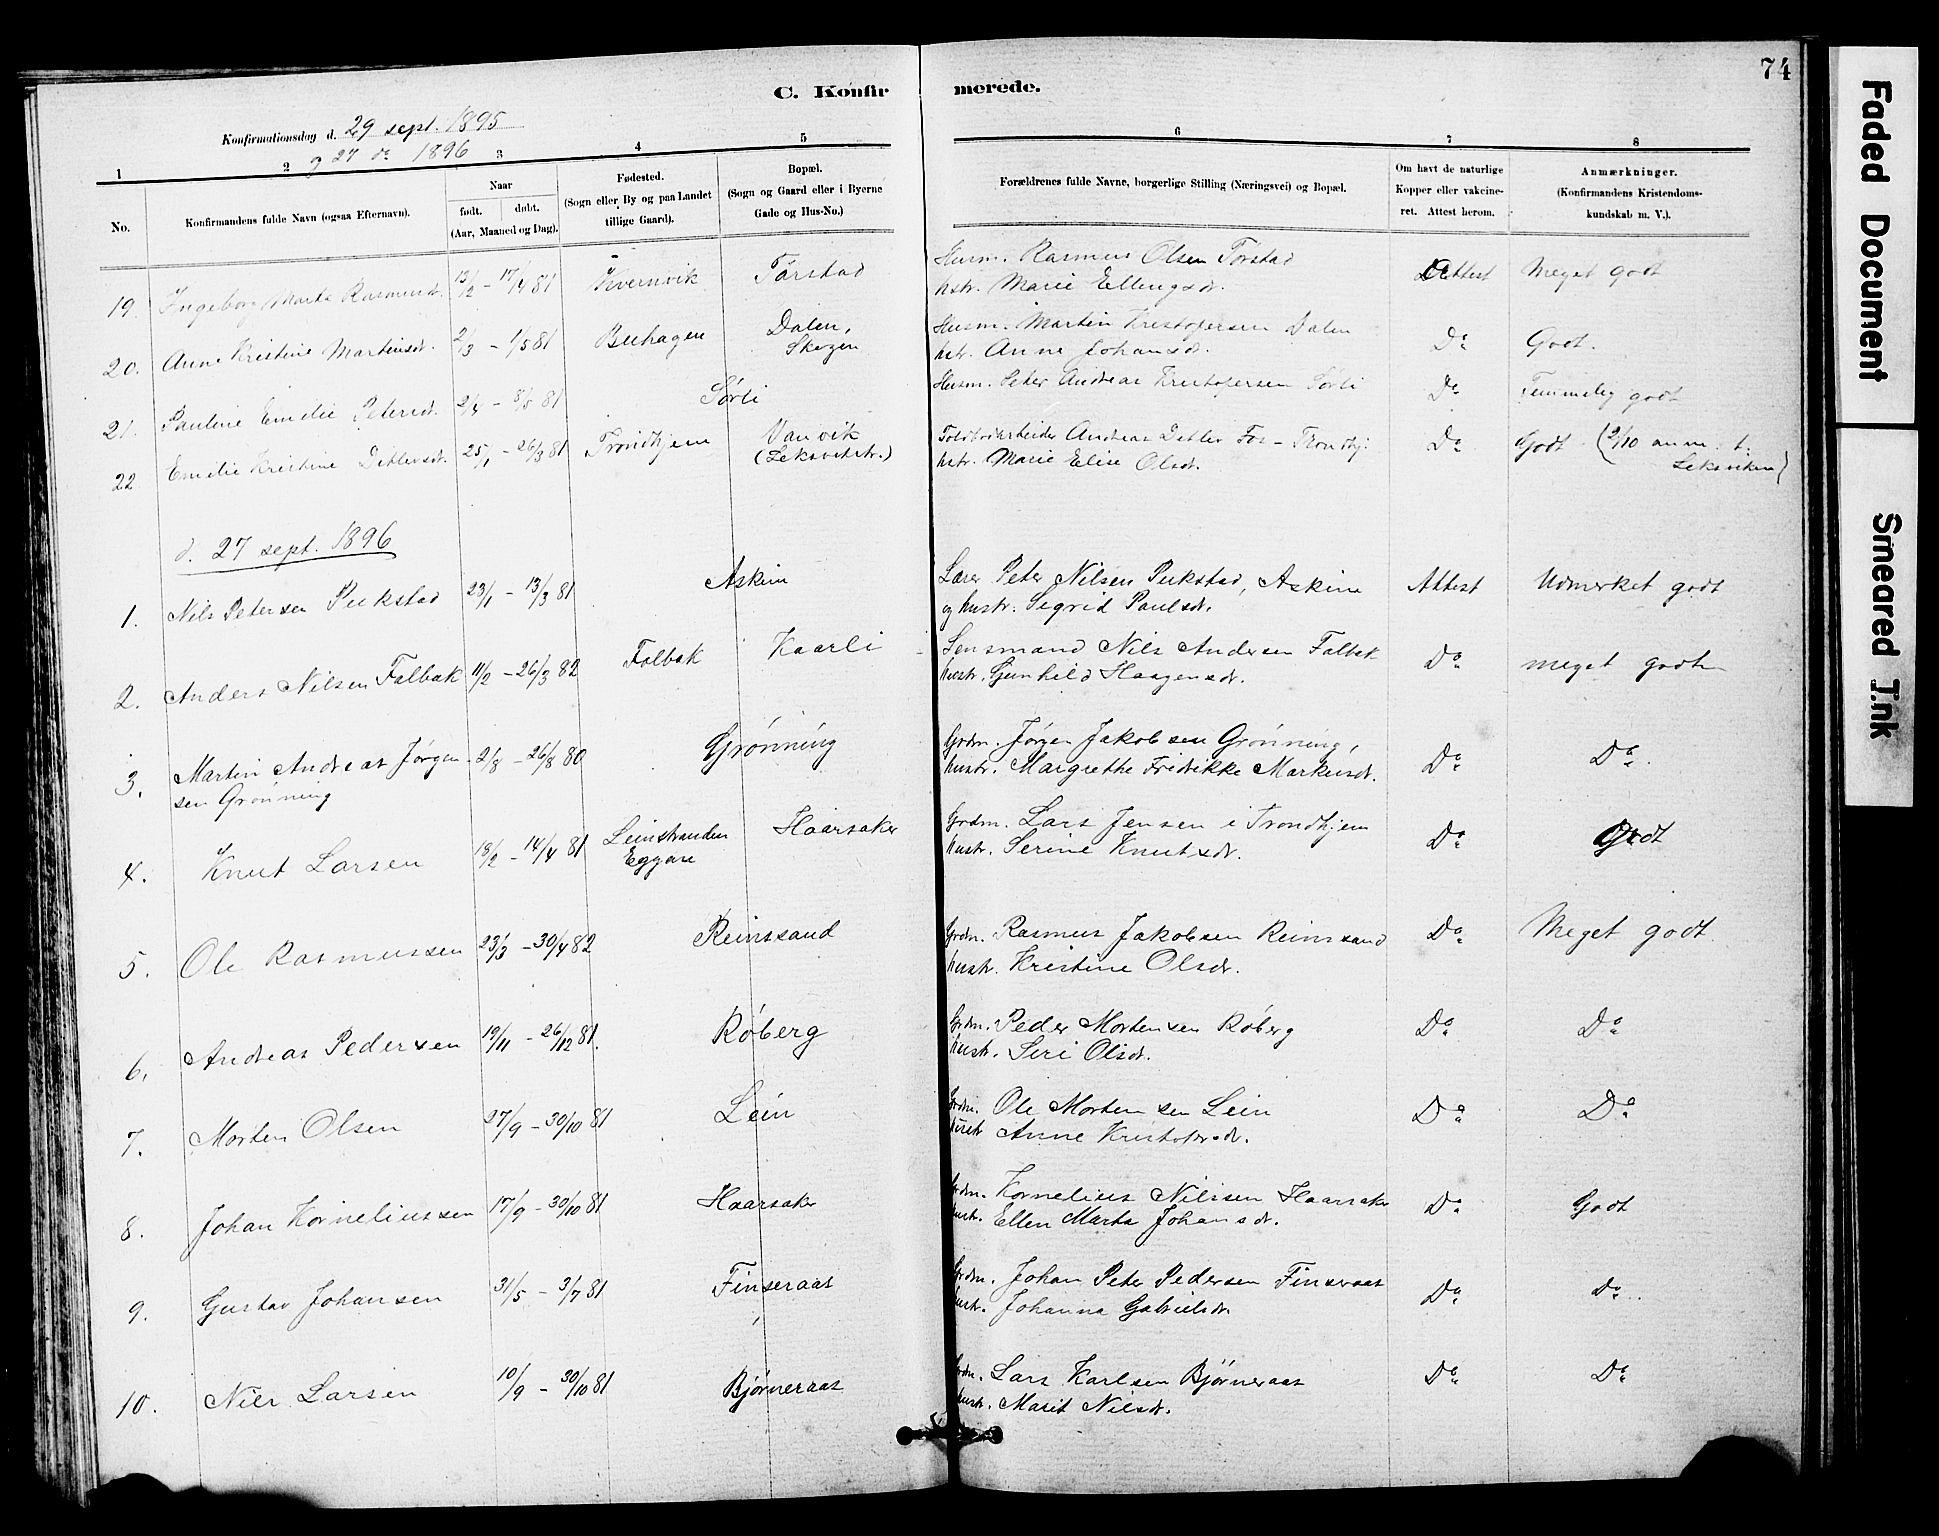 SAT, Ministerialprotokoller, klokkerbøker og fødselsregistre - Sør-Trøndelag, 646/L0628: Klokkerbok nr. 646C01, 1880-1903, s. 74